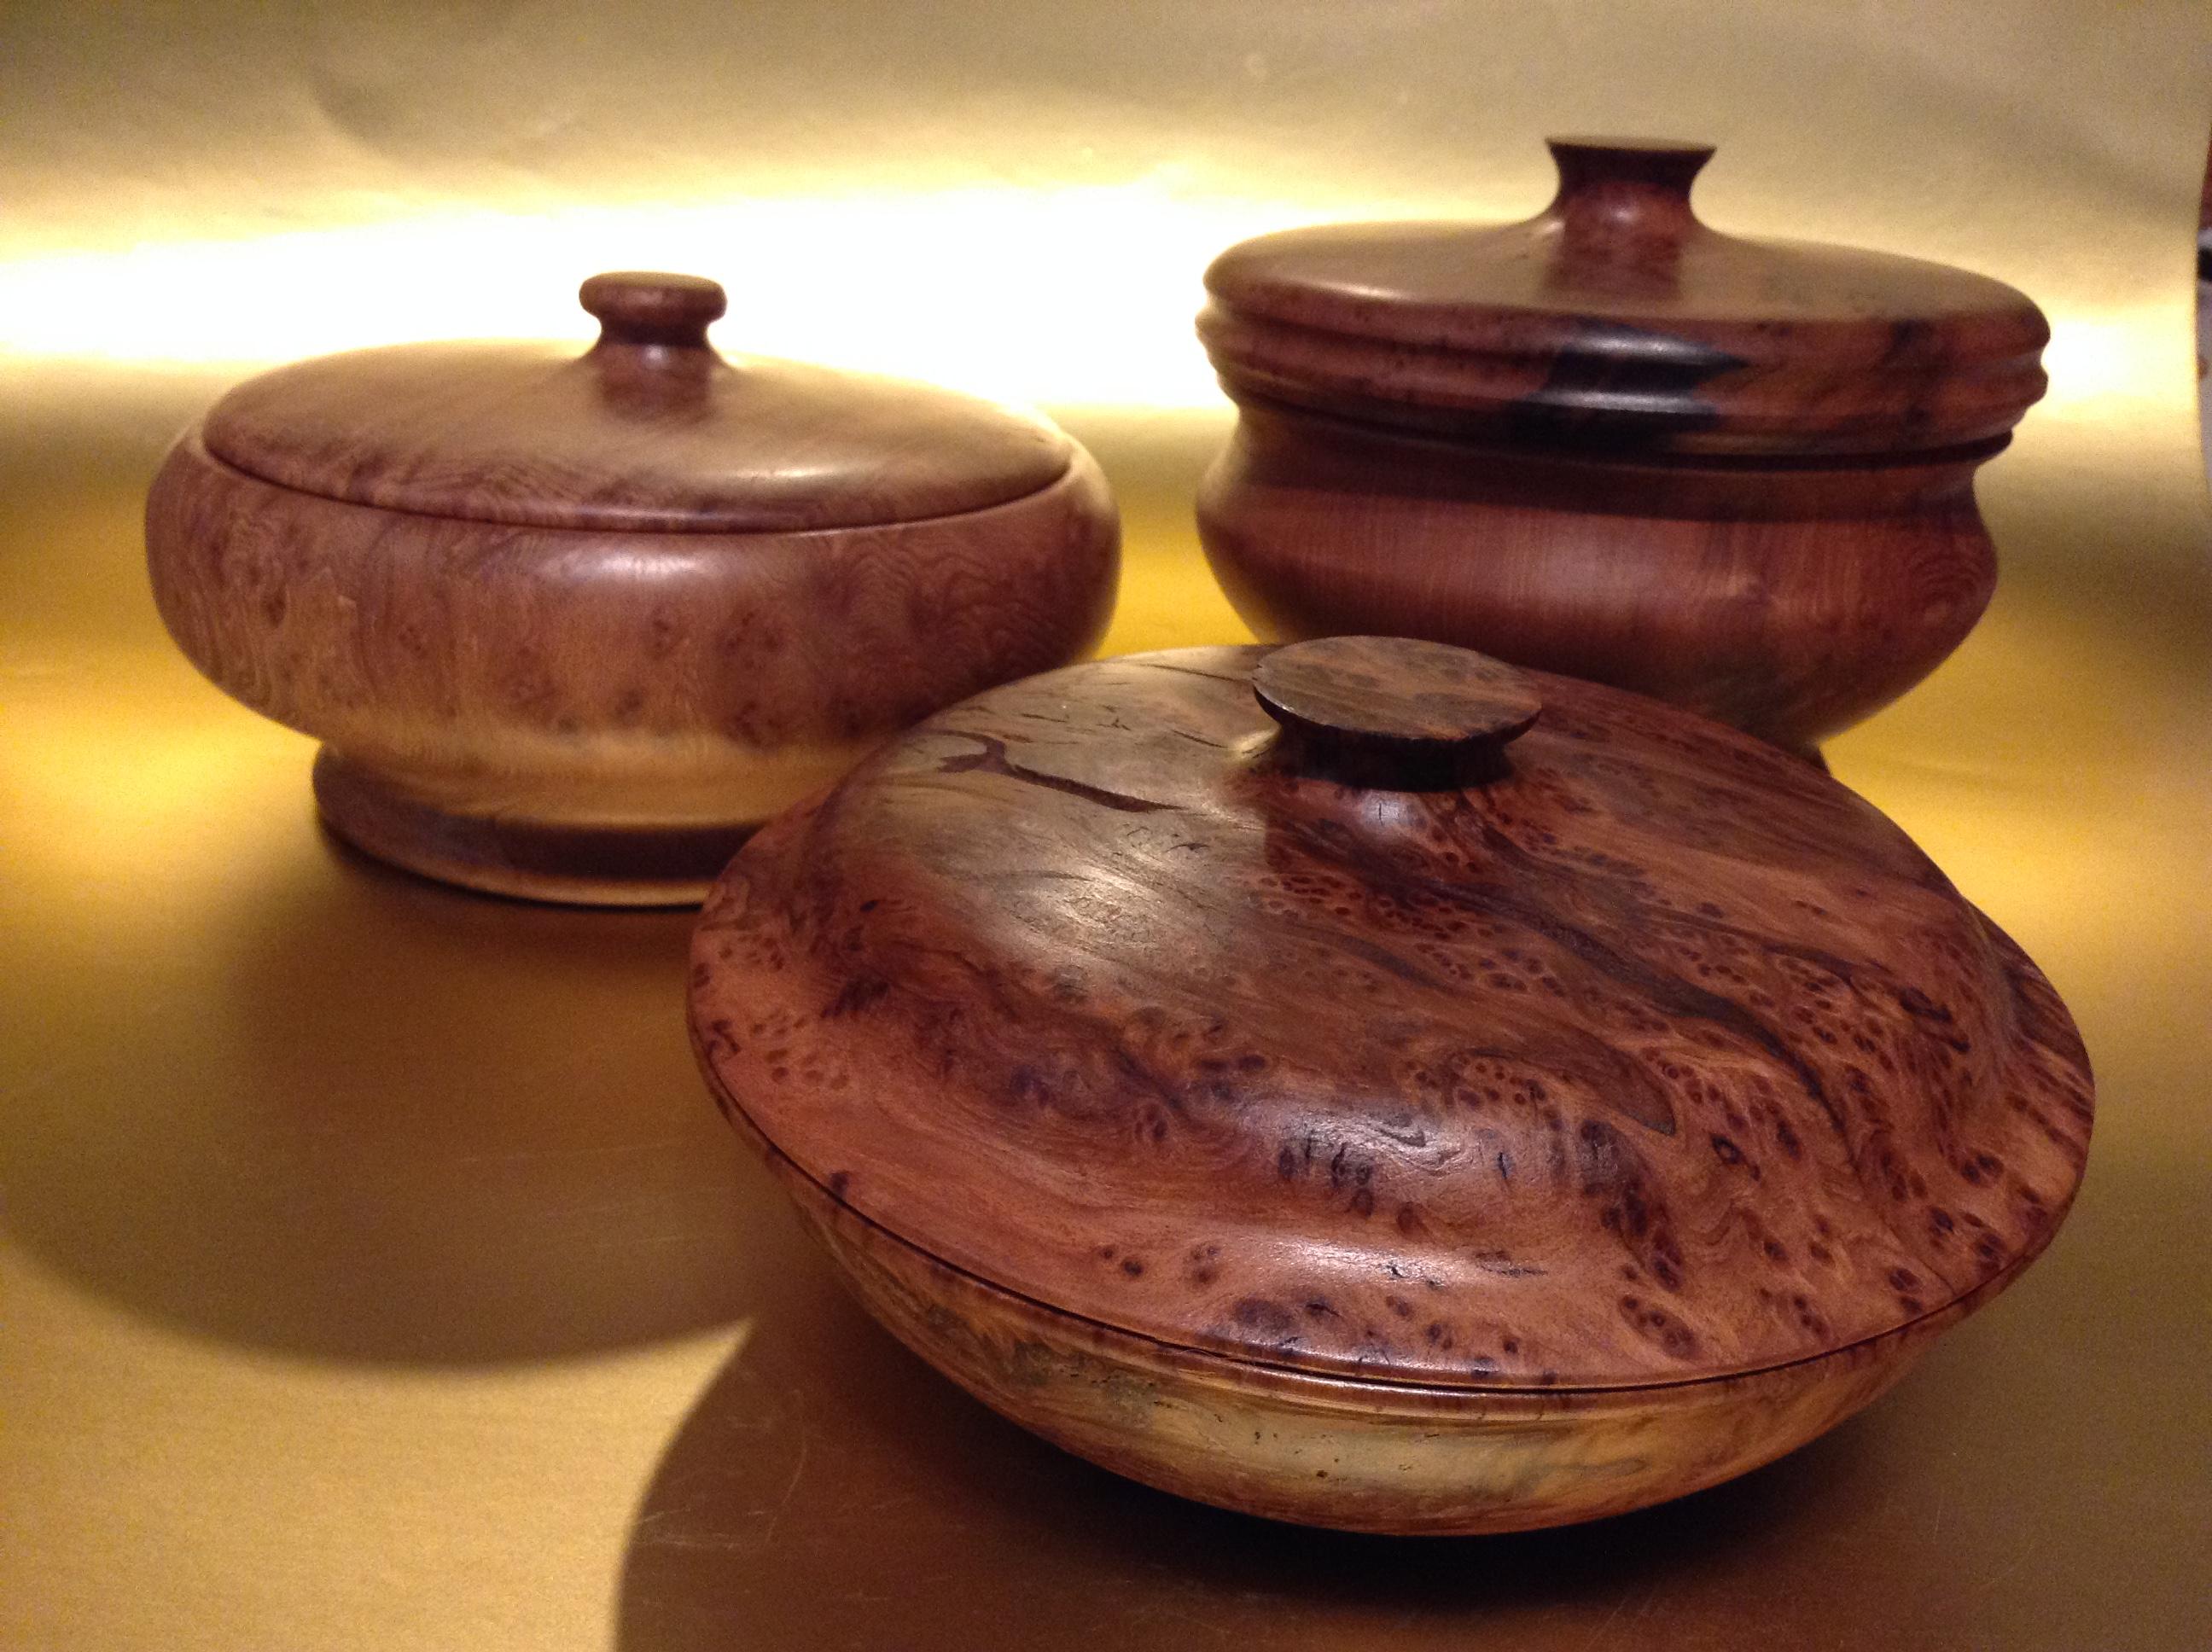 Lidded Redwood Burl Bowls